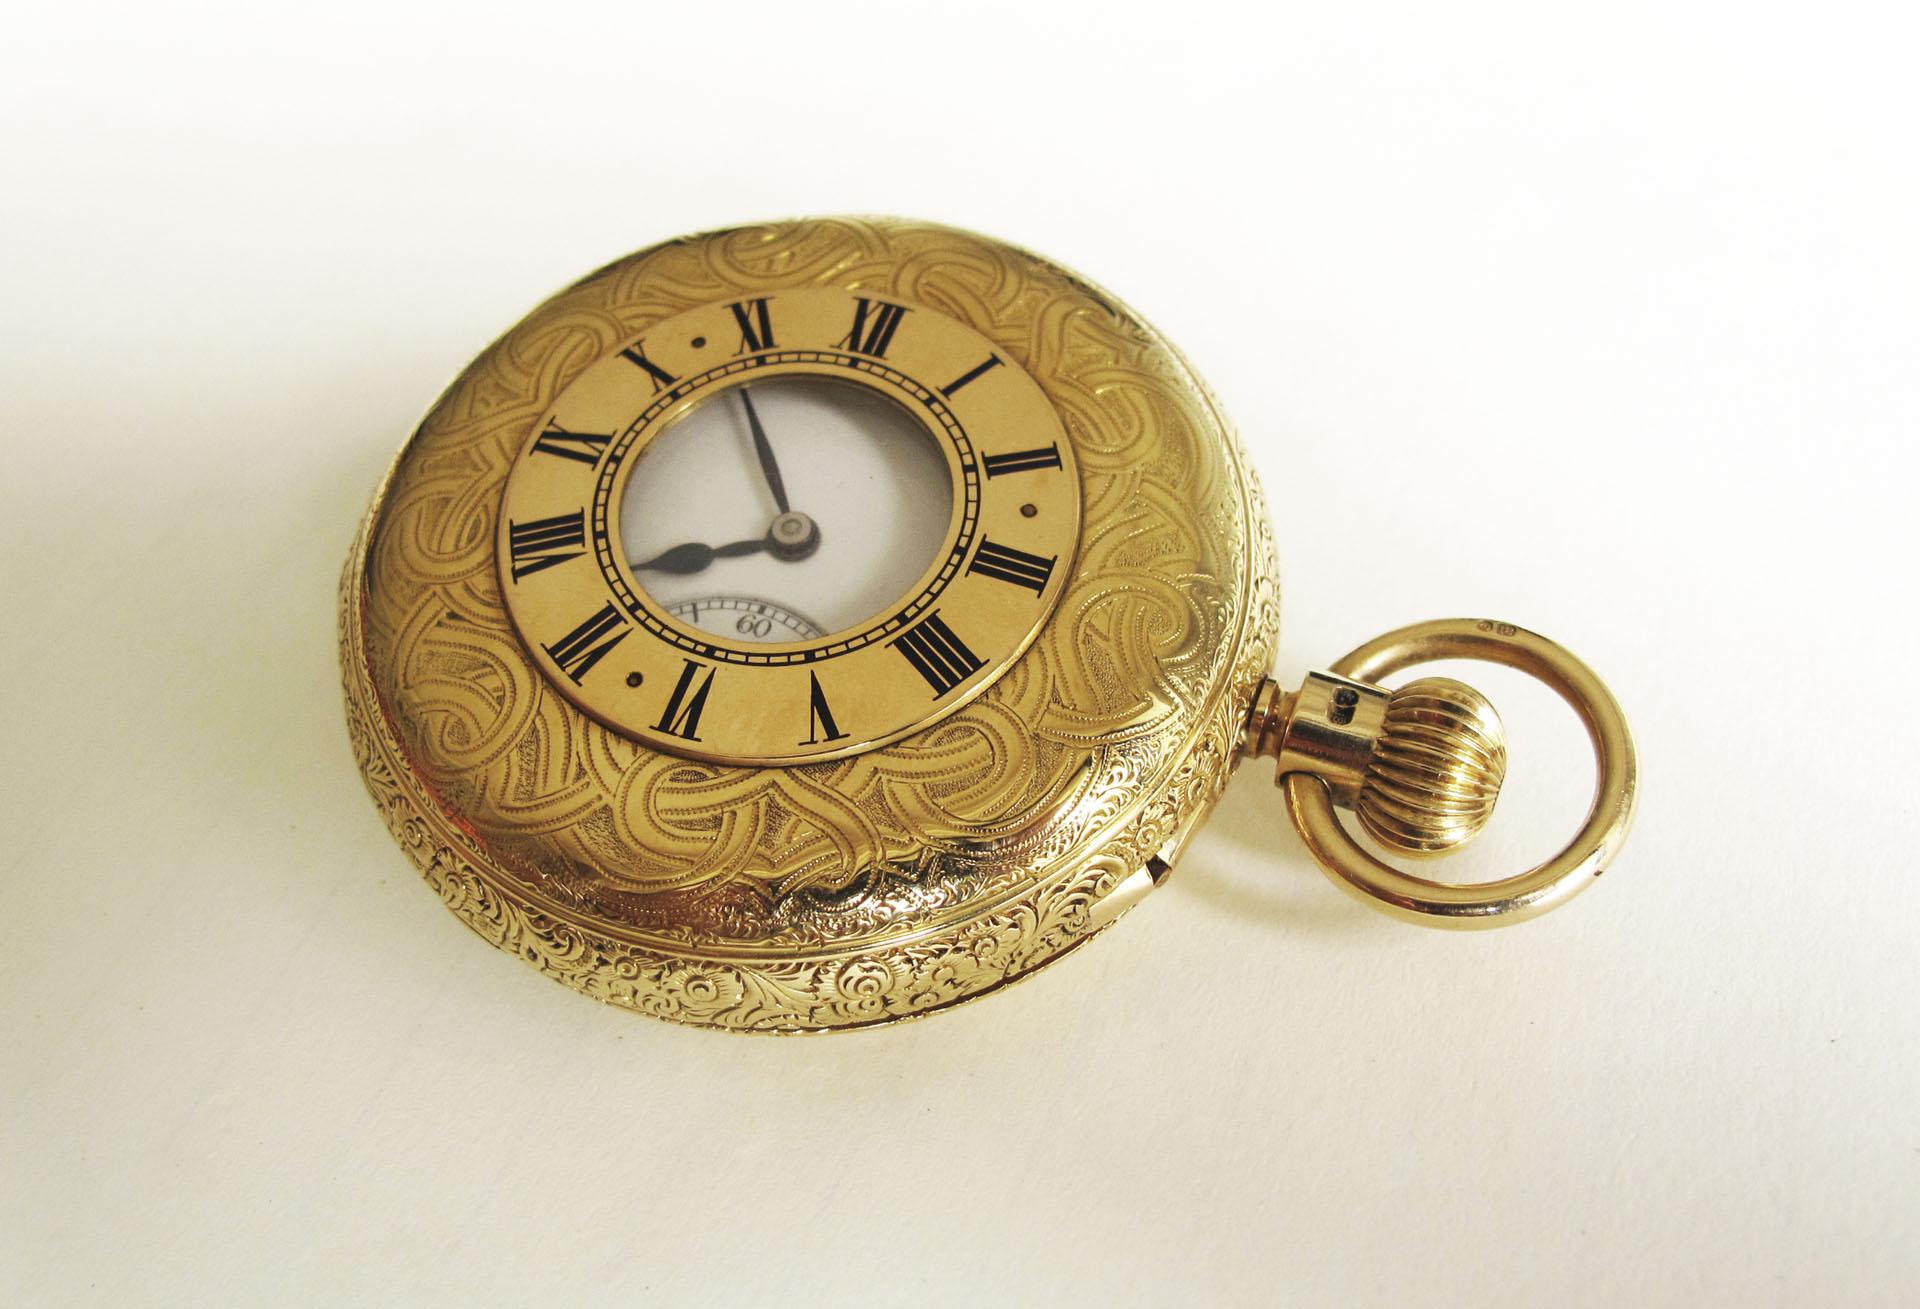 【曾士昕專欄】英式品味:一只具芝麻鍊傳輸裝置、衝擊式天文台擒縱結構與筒狀游絲的半獵錶